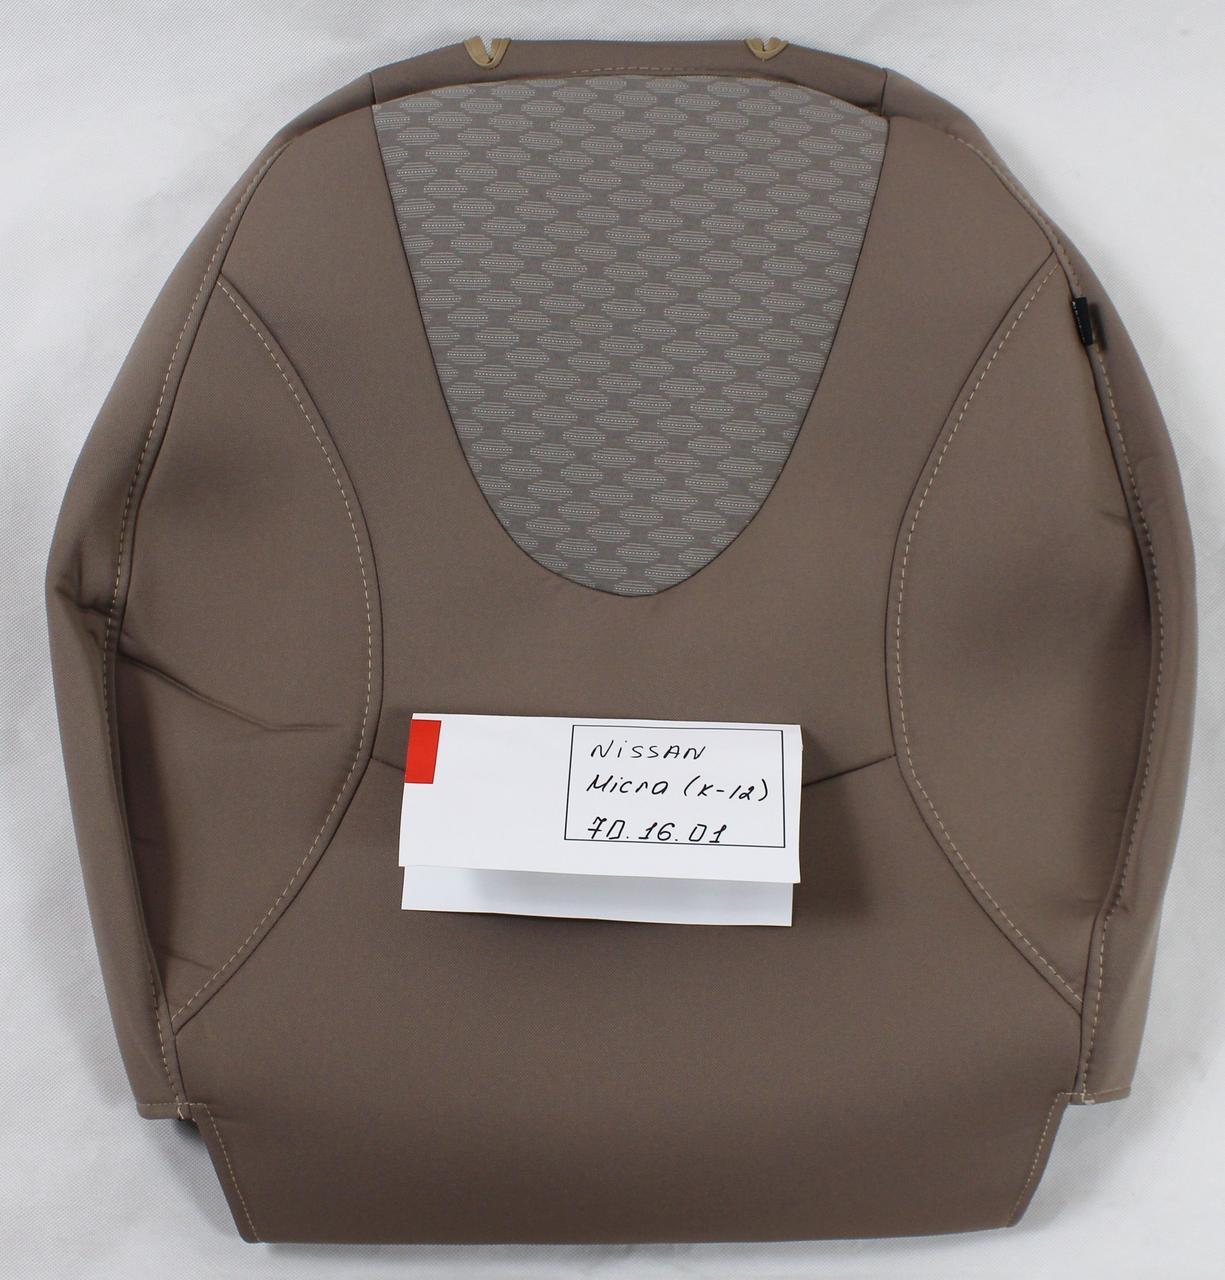 Чехлы на сидения Nissan Micra (Mаrch) K12 2003-2010 (делен) Union 70.16.01